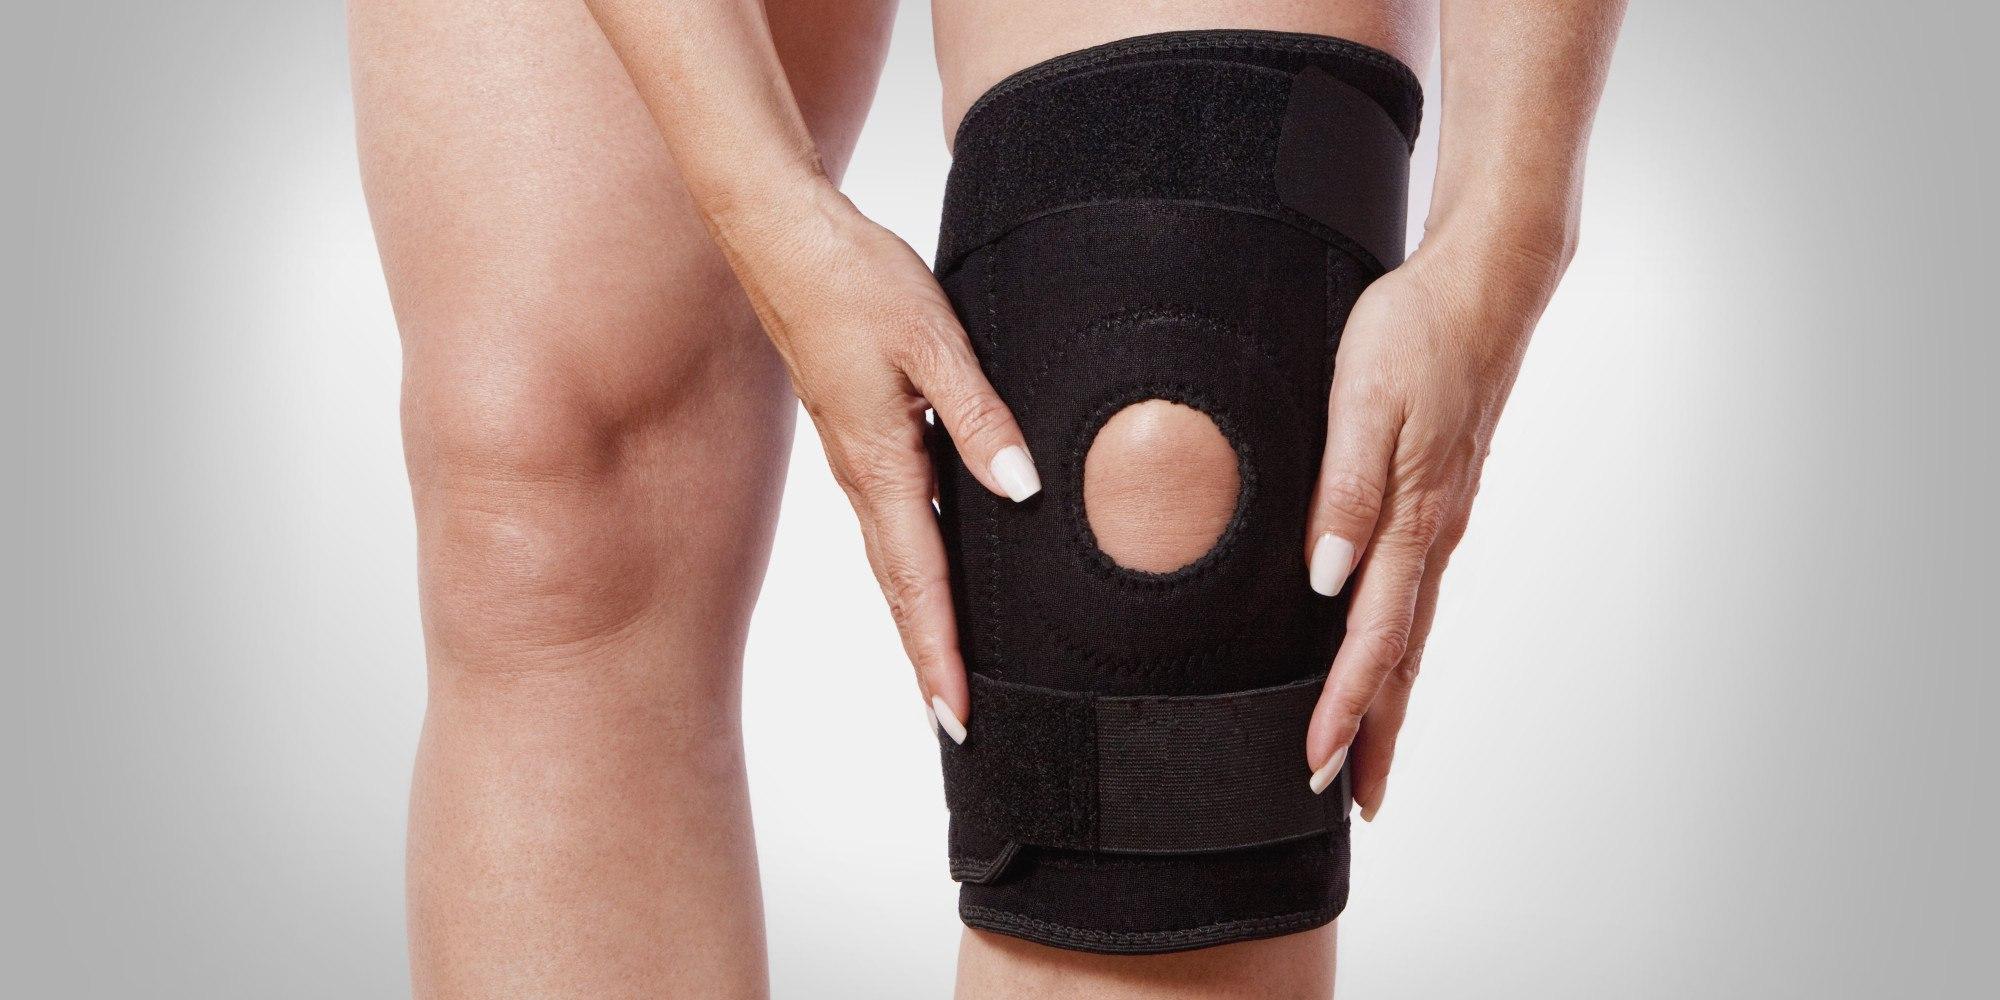 Что такое бандаж для колена?